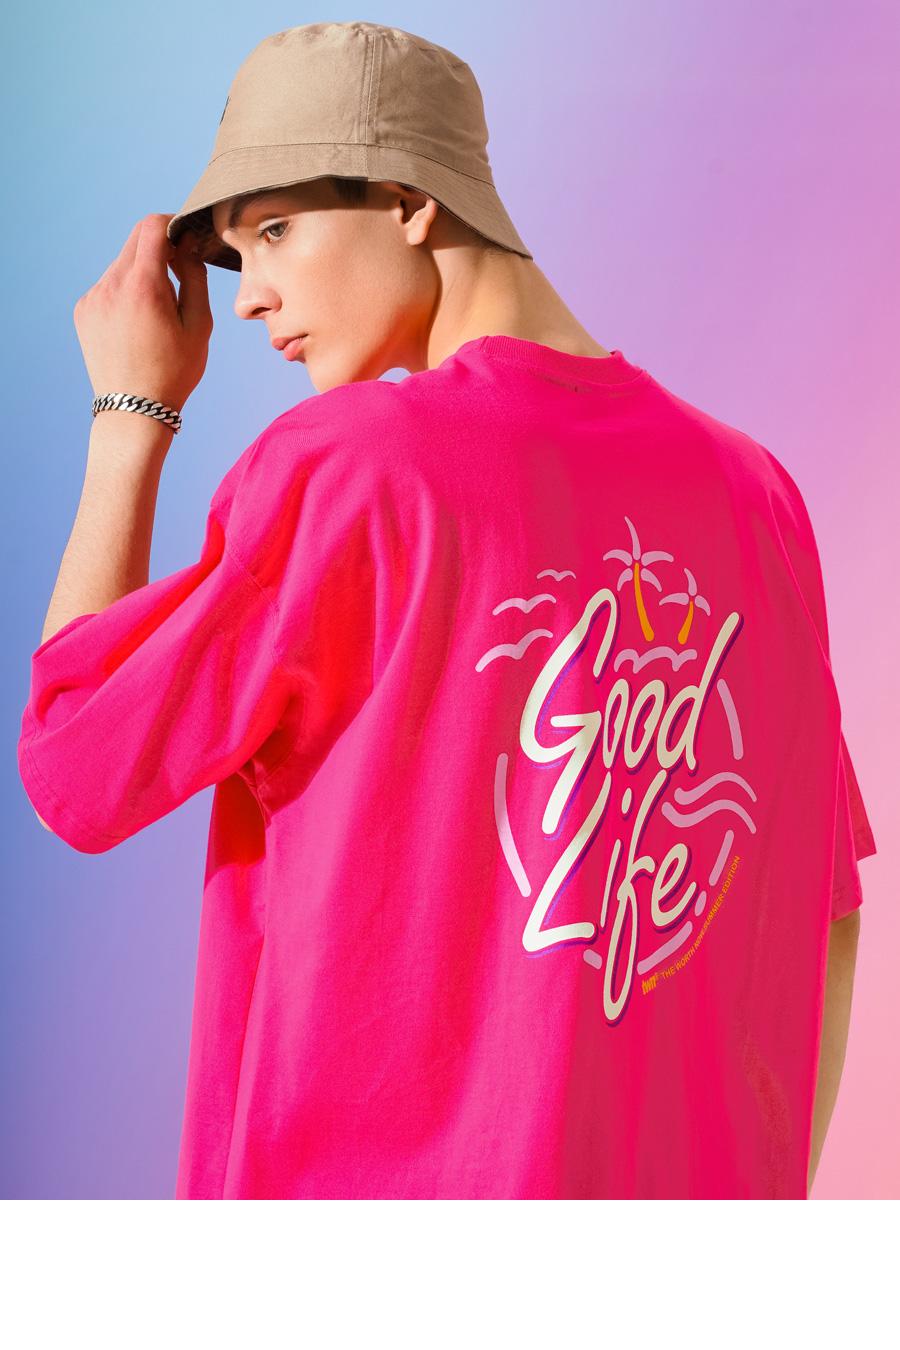 20200325_twn_goodlife_model_sh_21.jpg